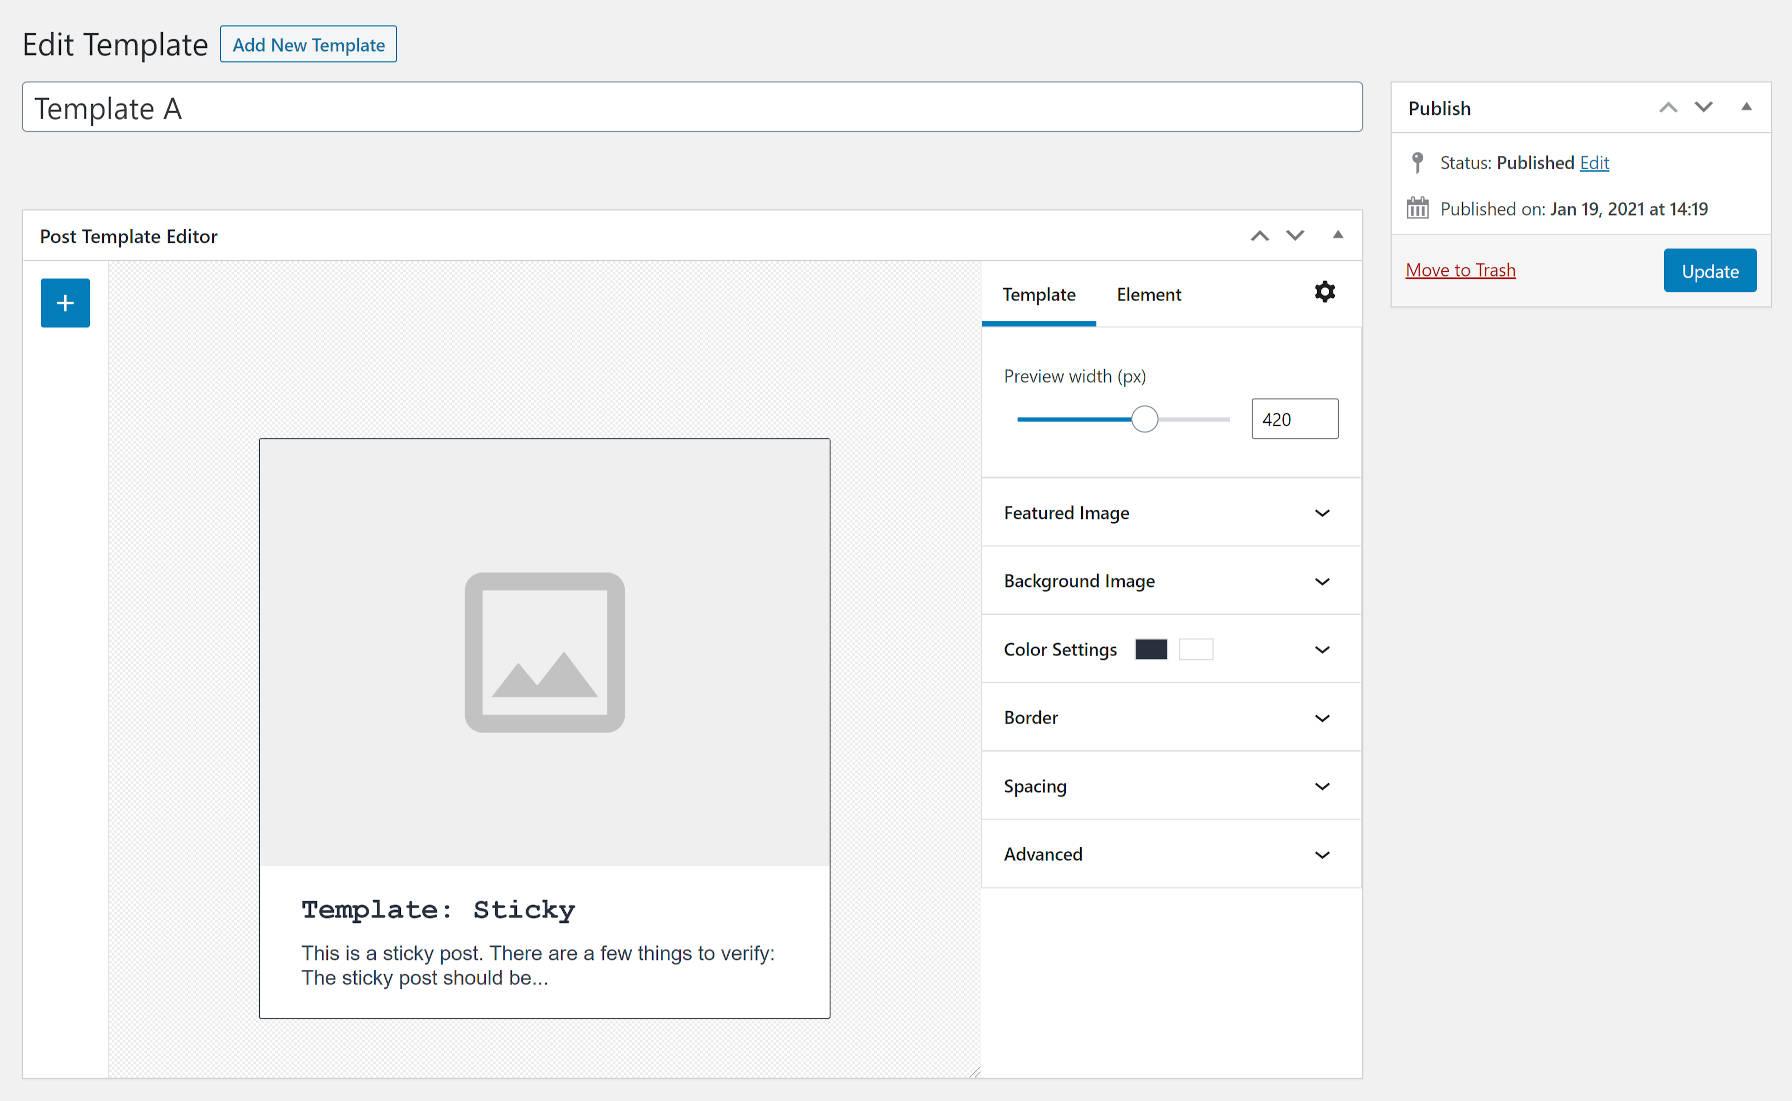 Écran d'édition de modèle à partir du plugin de mise en page personnalisée WordPress.